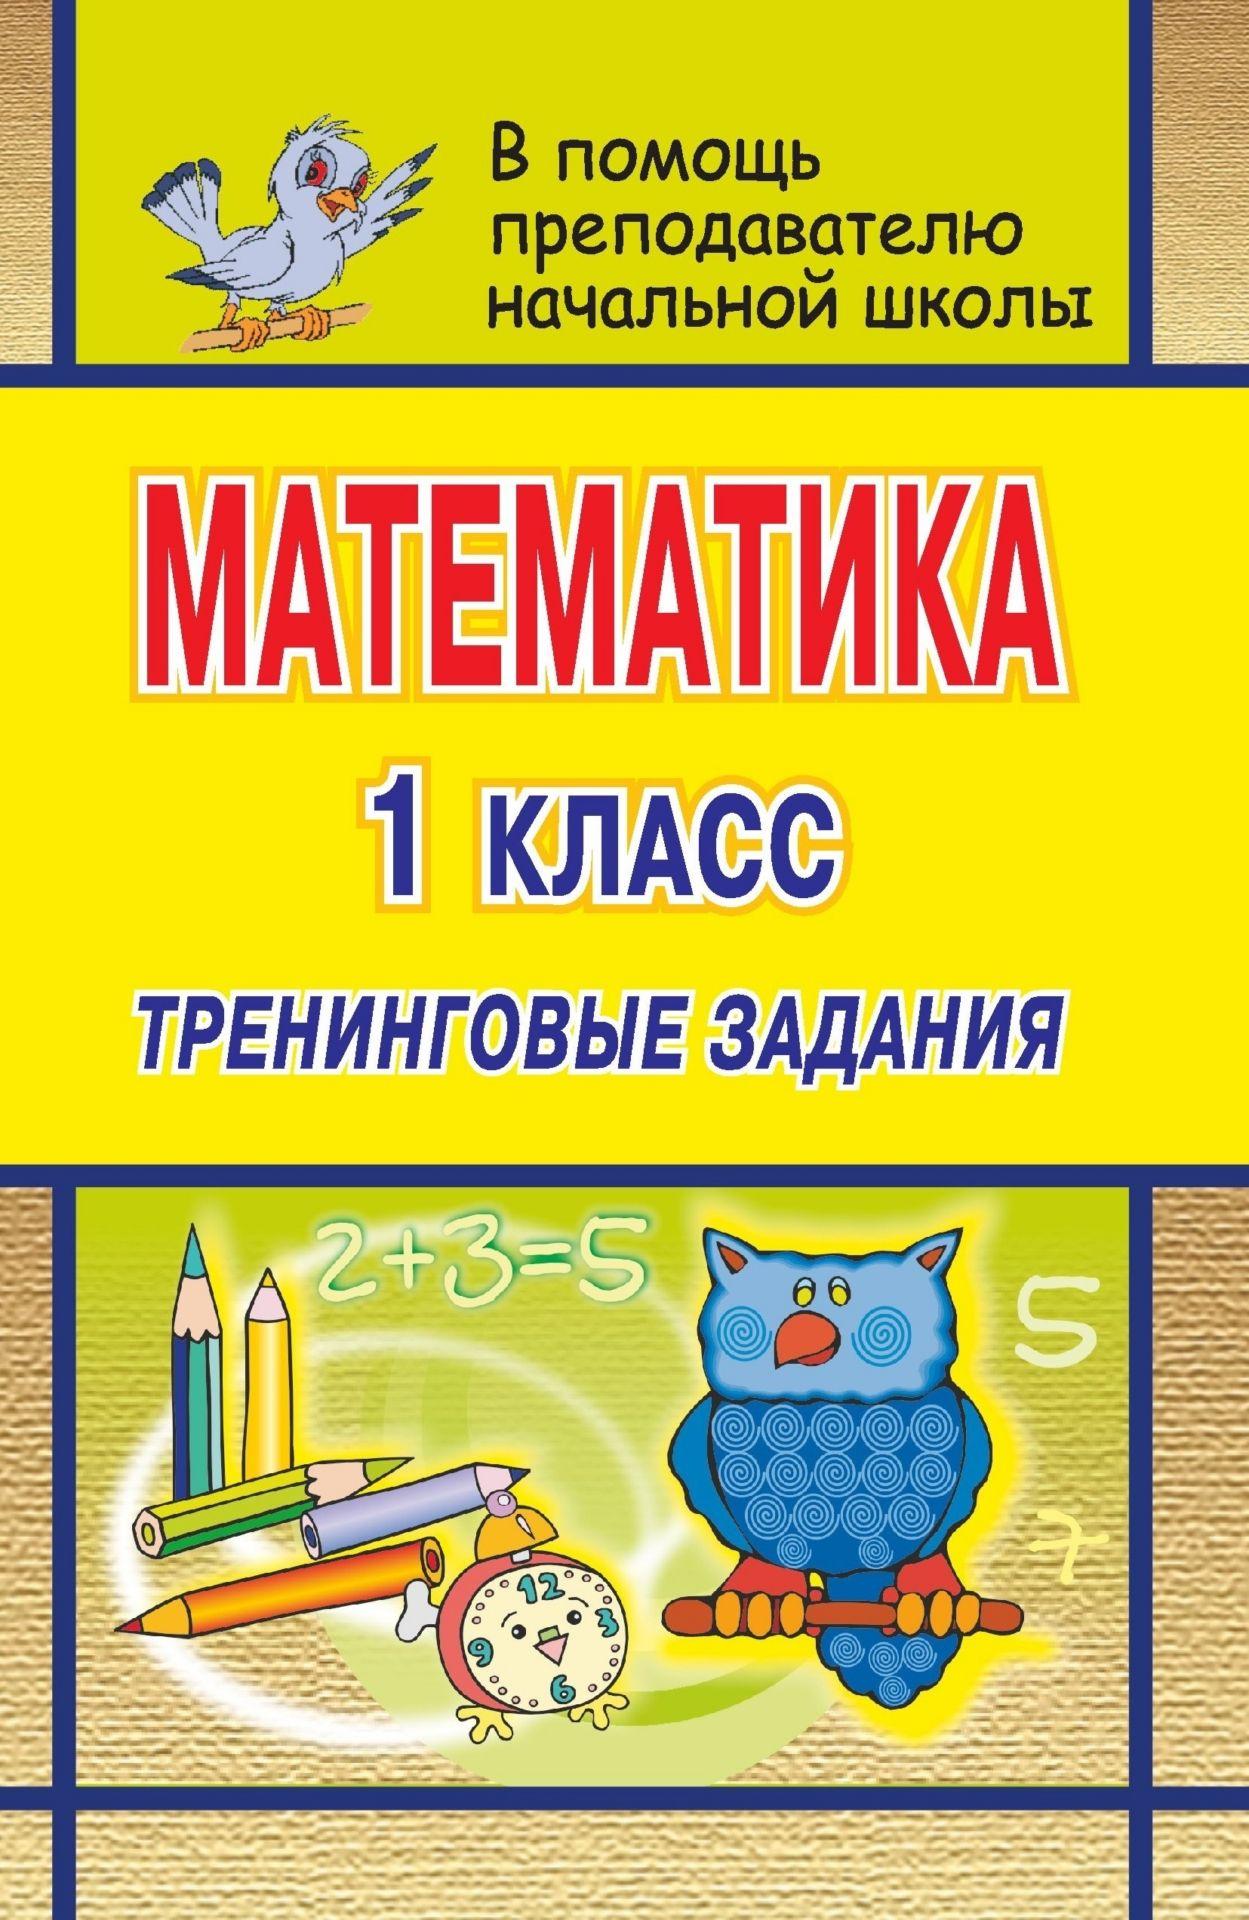 Математика. 1 кл. Тренинговые задания.Предметы<br>Пособие представляет собой дидактические задания по математике в 1 классе, соответствующие требованиям образовательной программы и позволяющие развивать самостоятельность, познавательный интерес в изучении математики. Предлагаются различные тренинговые уп...<br><br>Авторы: Лободина Н. В.<br>Год: 2007<br>Серия: В помощь преподавателю начальной школы<br>ISBN: 978-5-7057-1146-8<br>Высота: 213<br>Ширина: 138<br>Толщина: 6